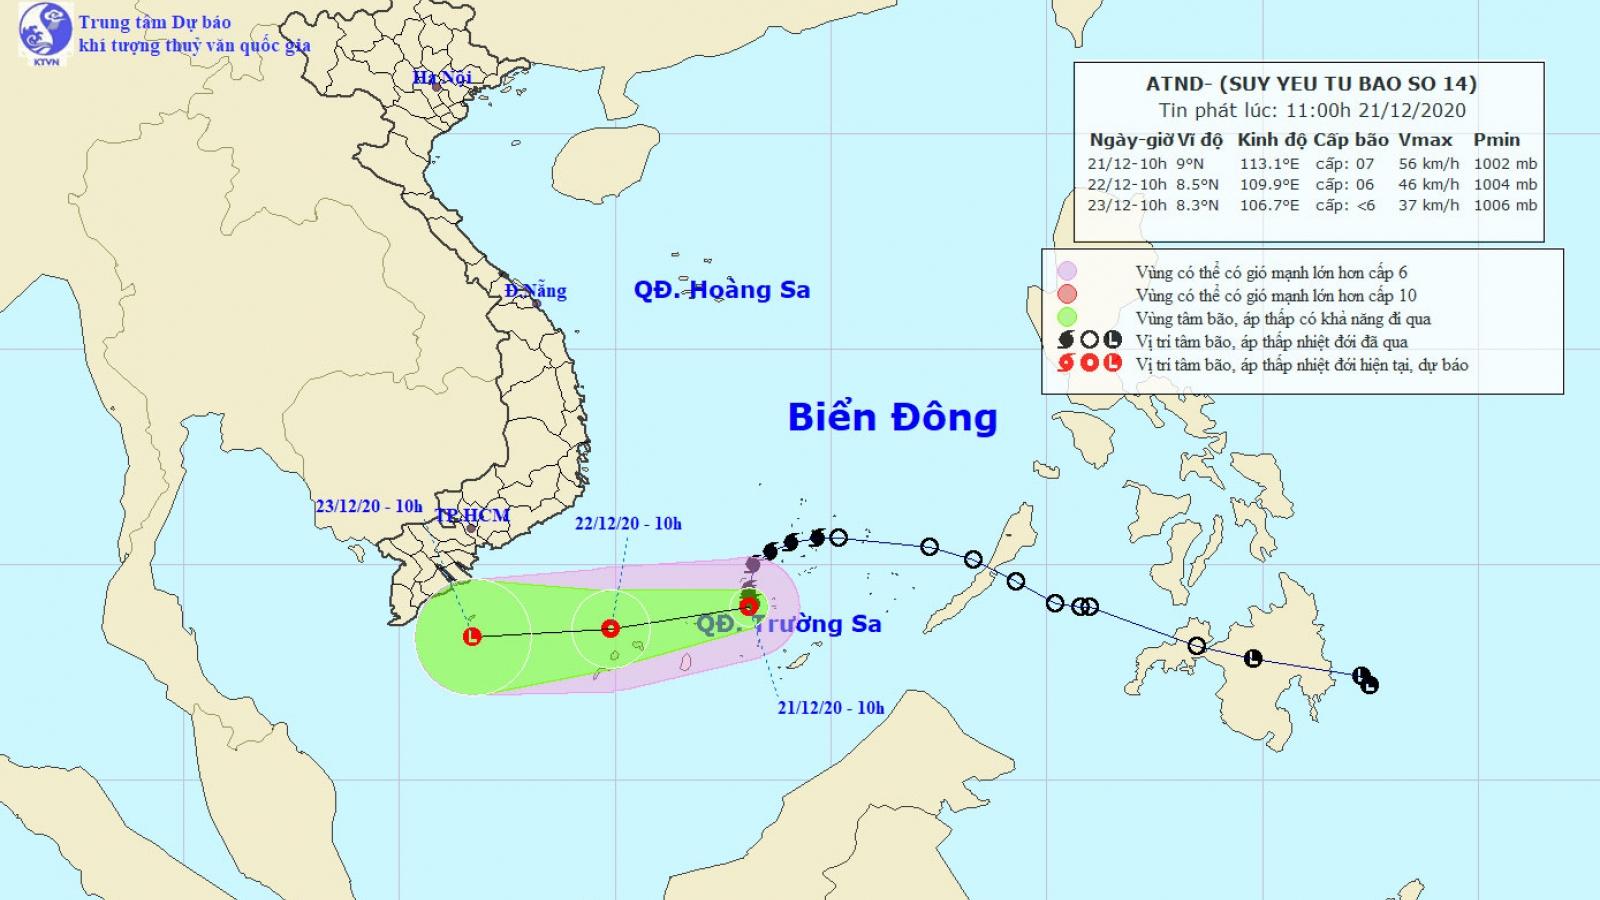 Bão 14 suy yếu thành áp thấp nhiệt đới, sức gió mạnh cấp 7